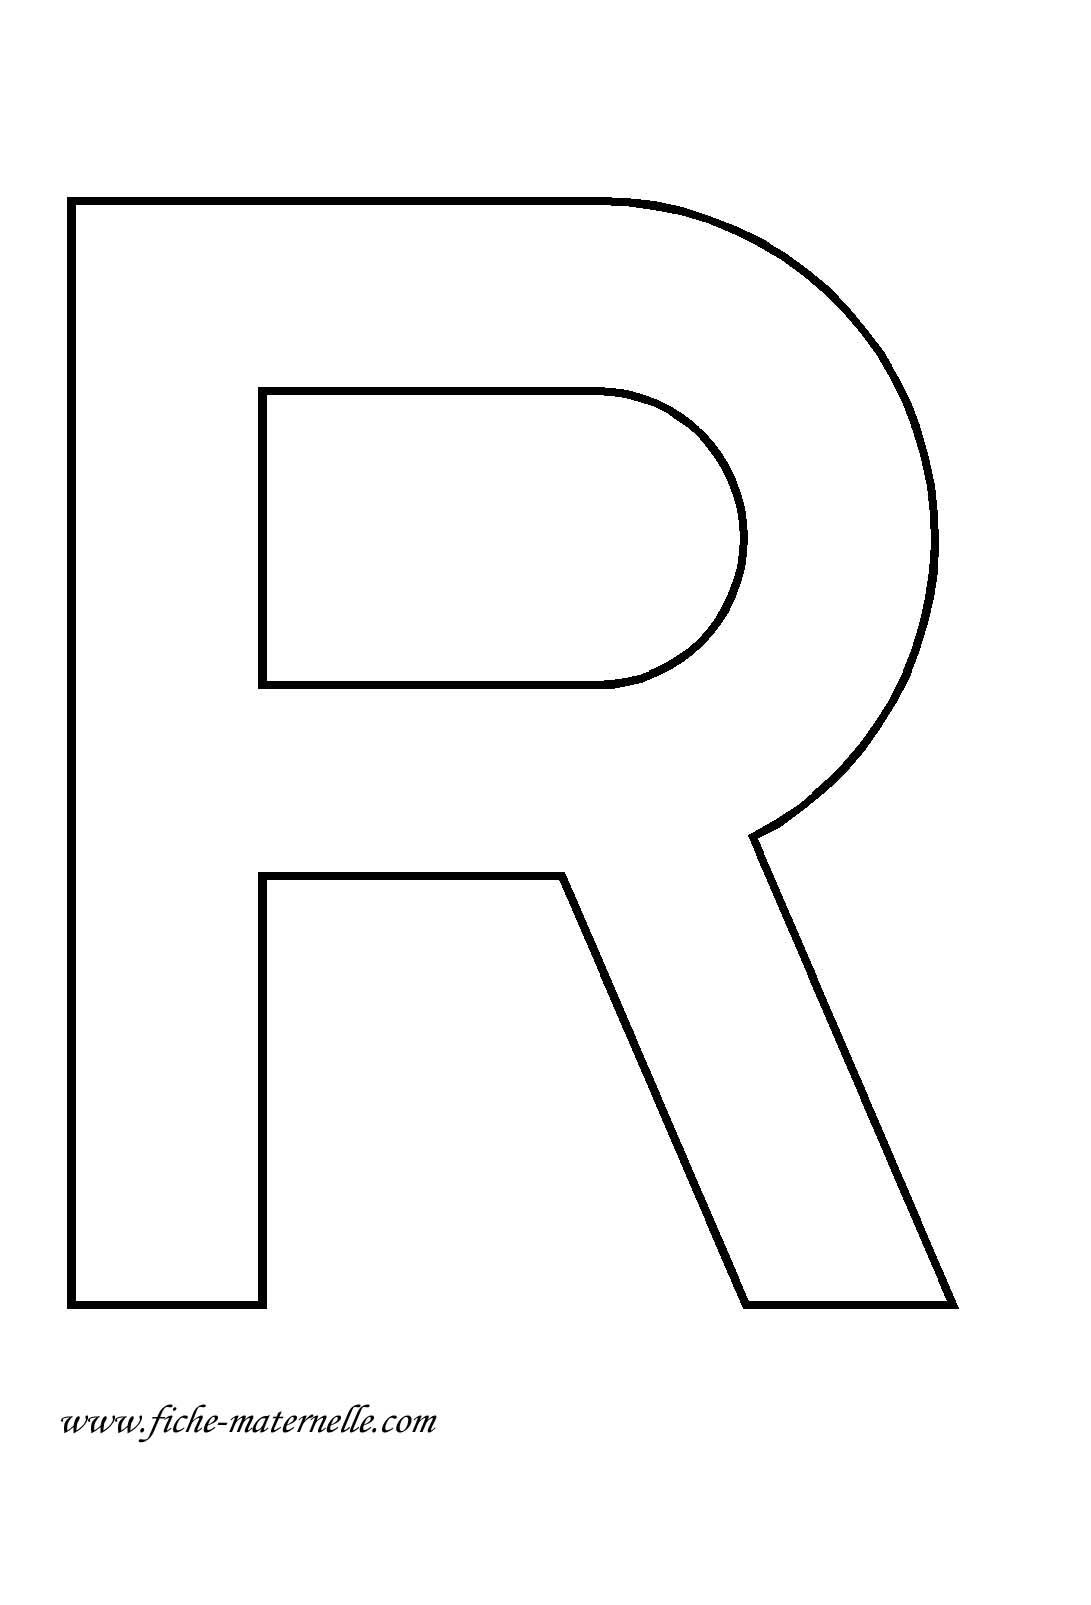 Lettre de l 39 alphabet d corer lettre r - Lettre a decouper ...